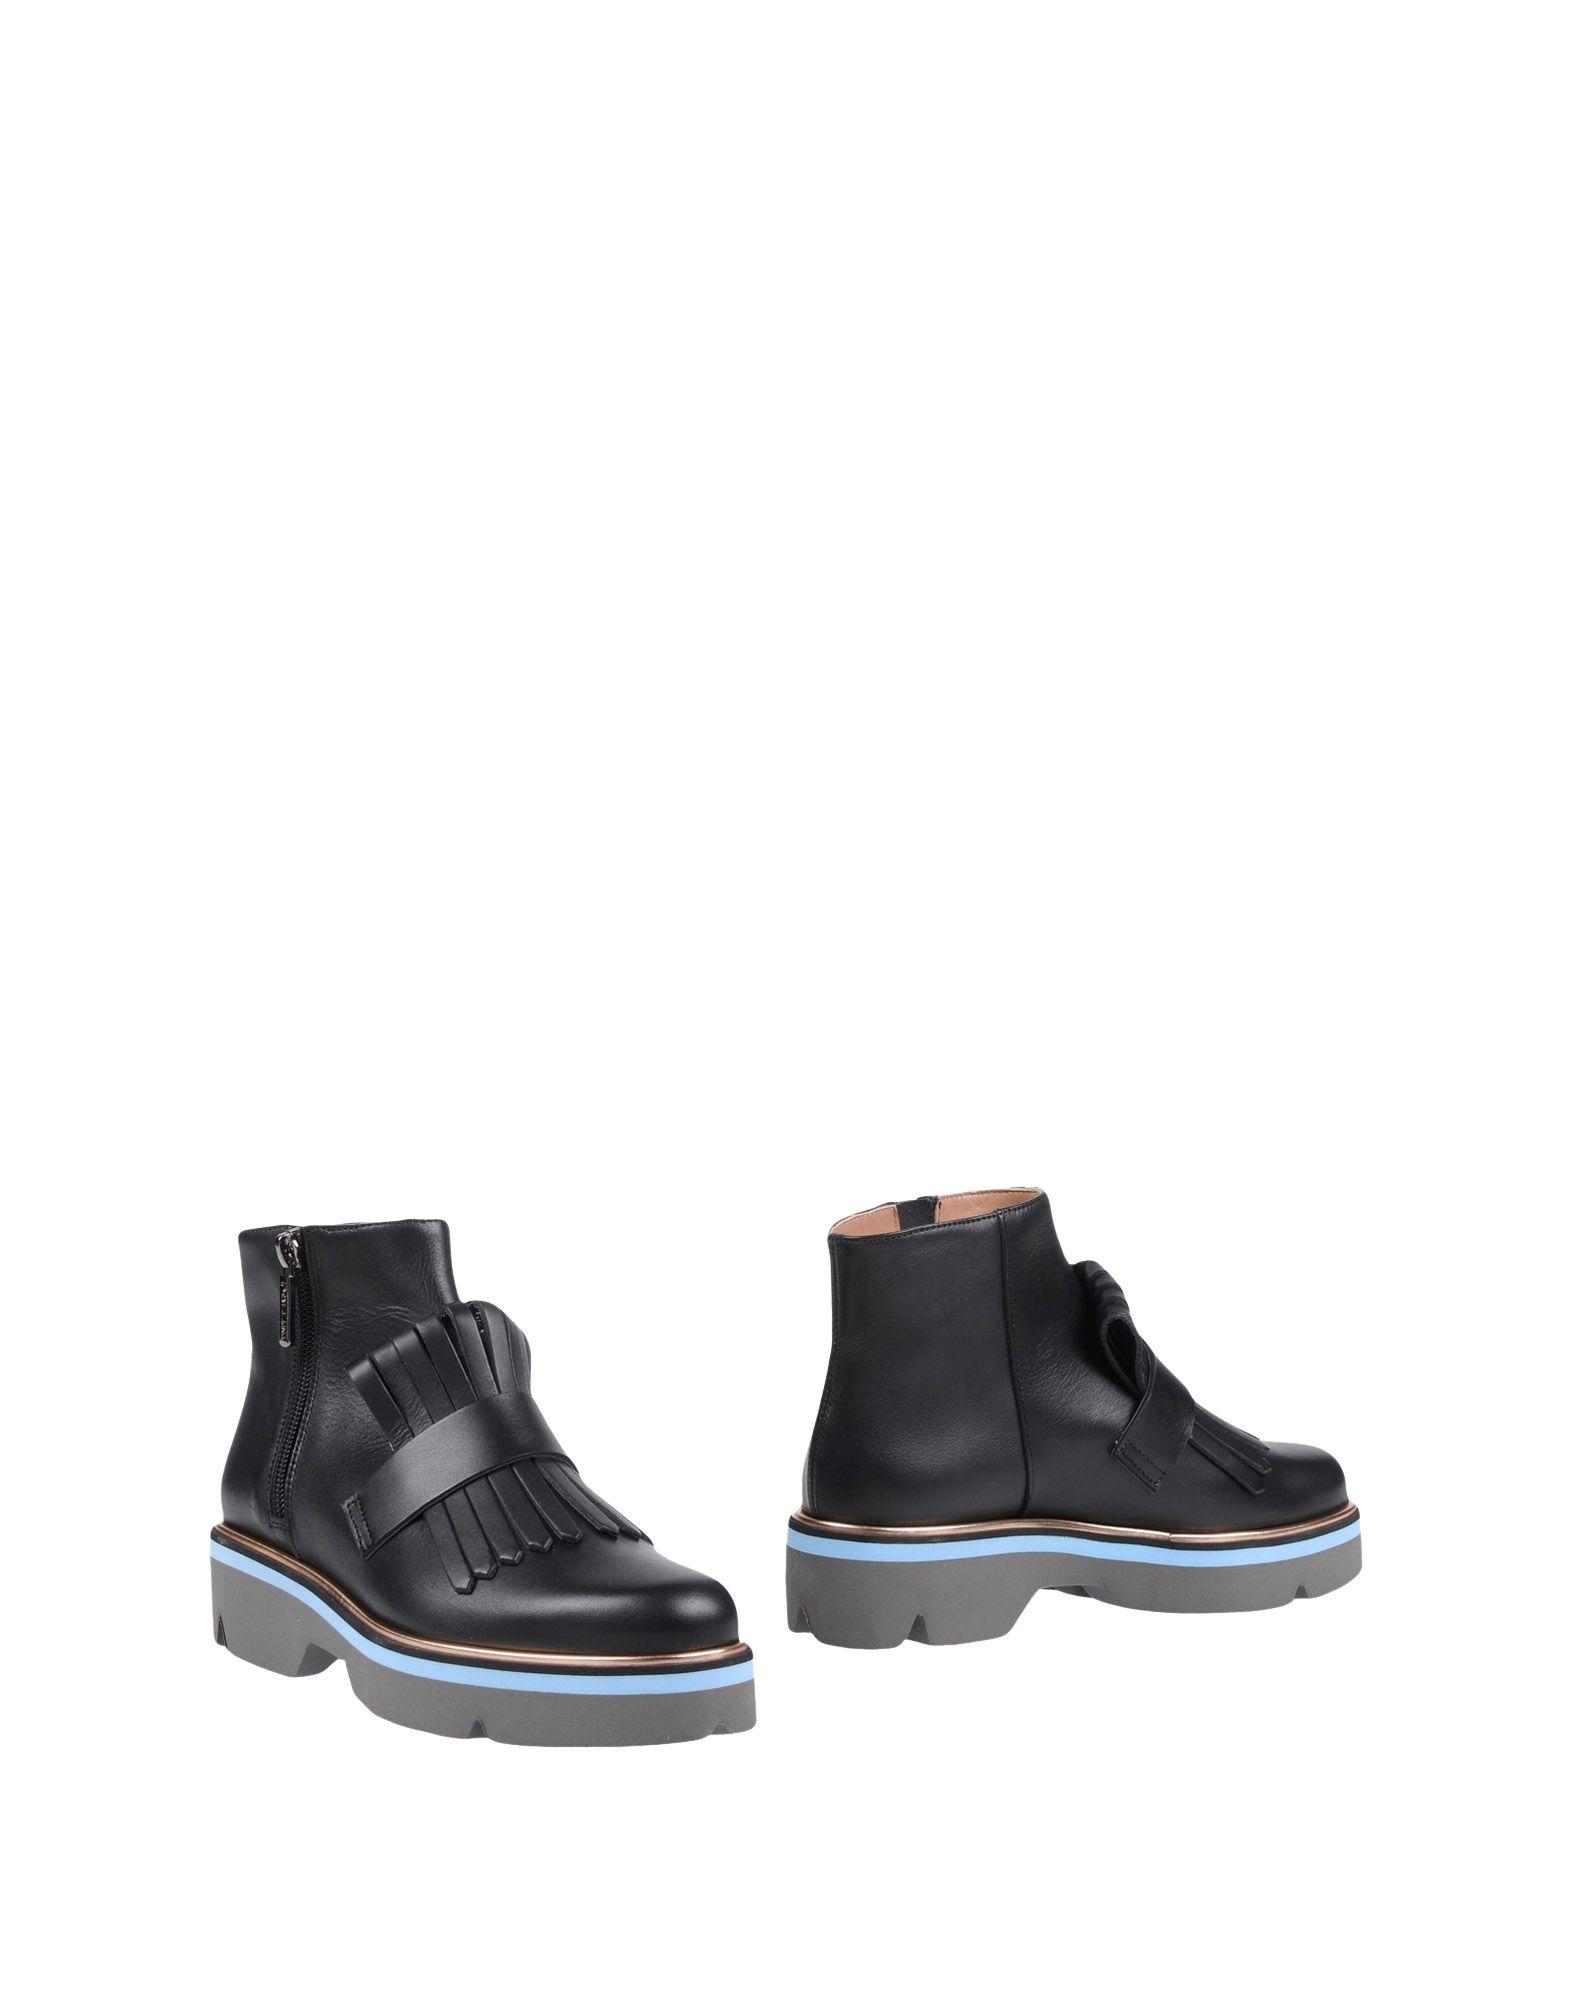 Pollini Stiefelette Damen  11448152VCGut aussehende strapazierfähige Schuhe